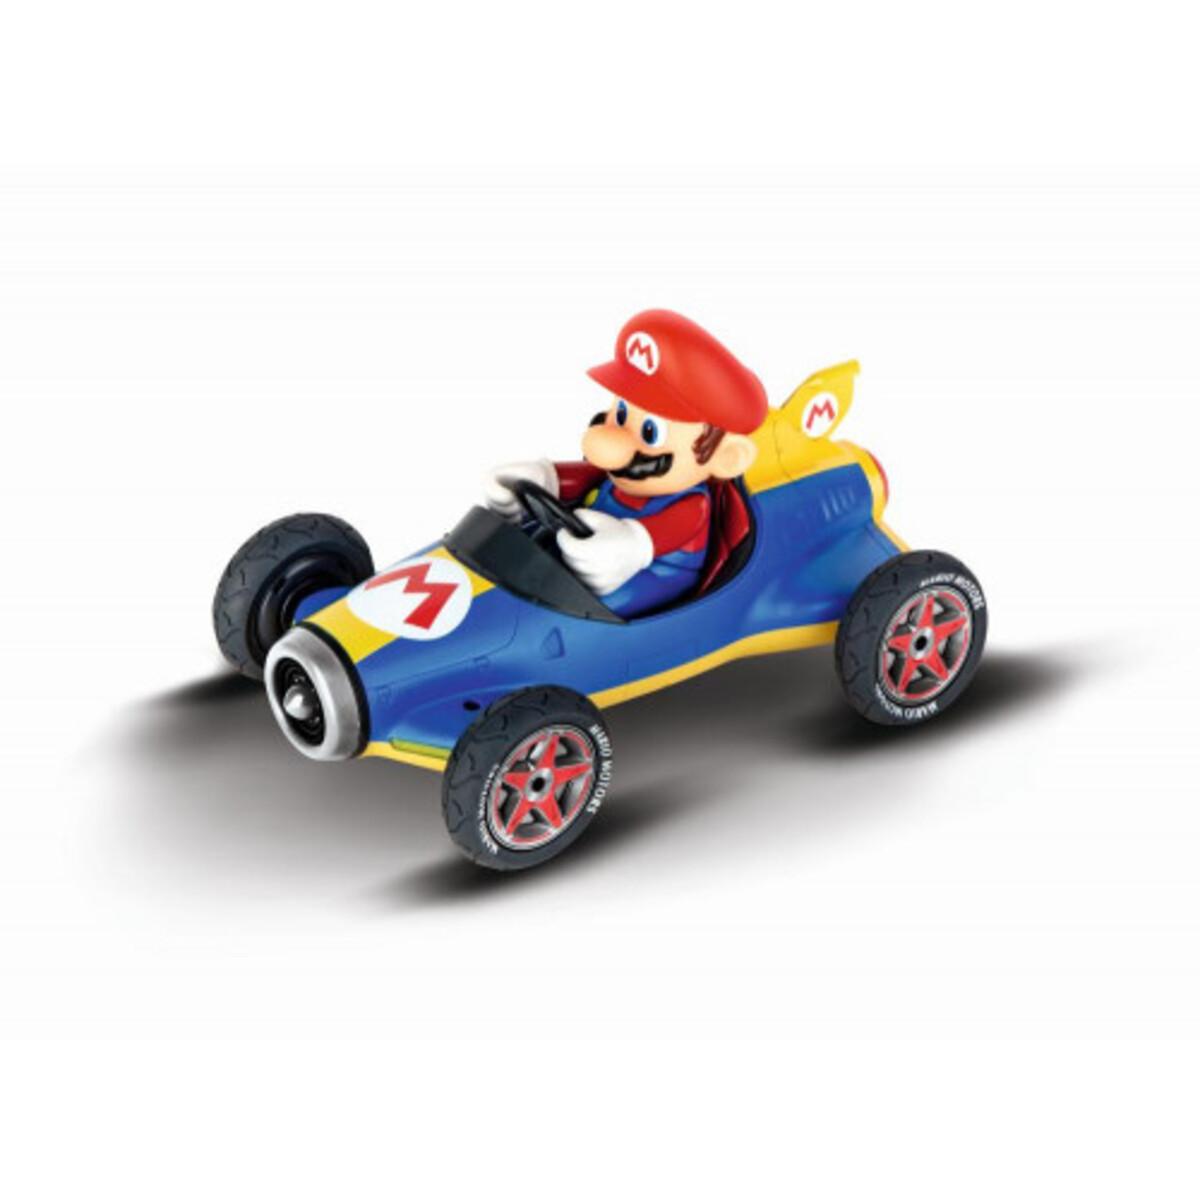 Bild 4 von Carrera RC Mario Kart M8 Mario